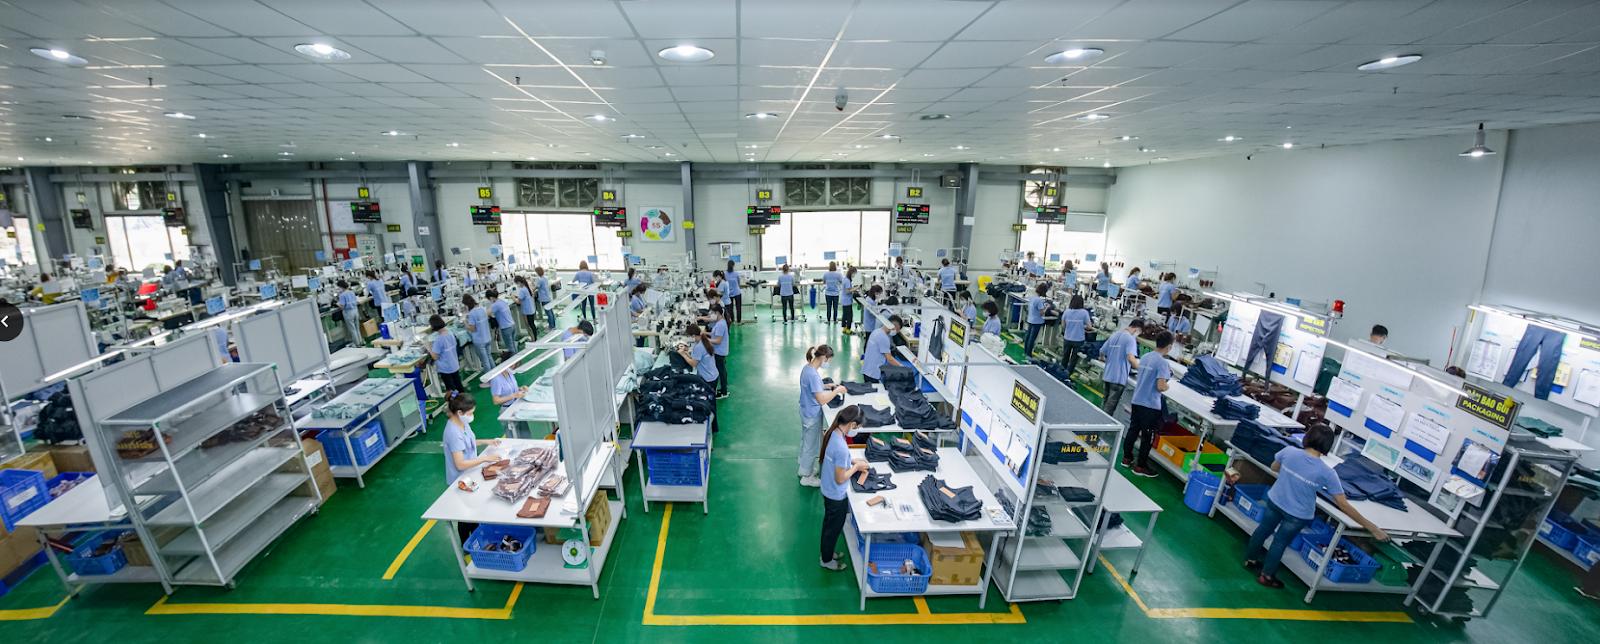 越南服装批发制造商188金宝慱亚洲体育真人下载手机188bet